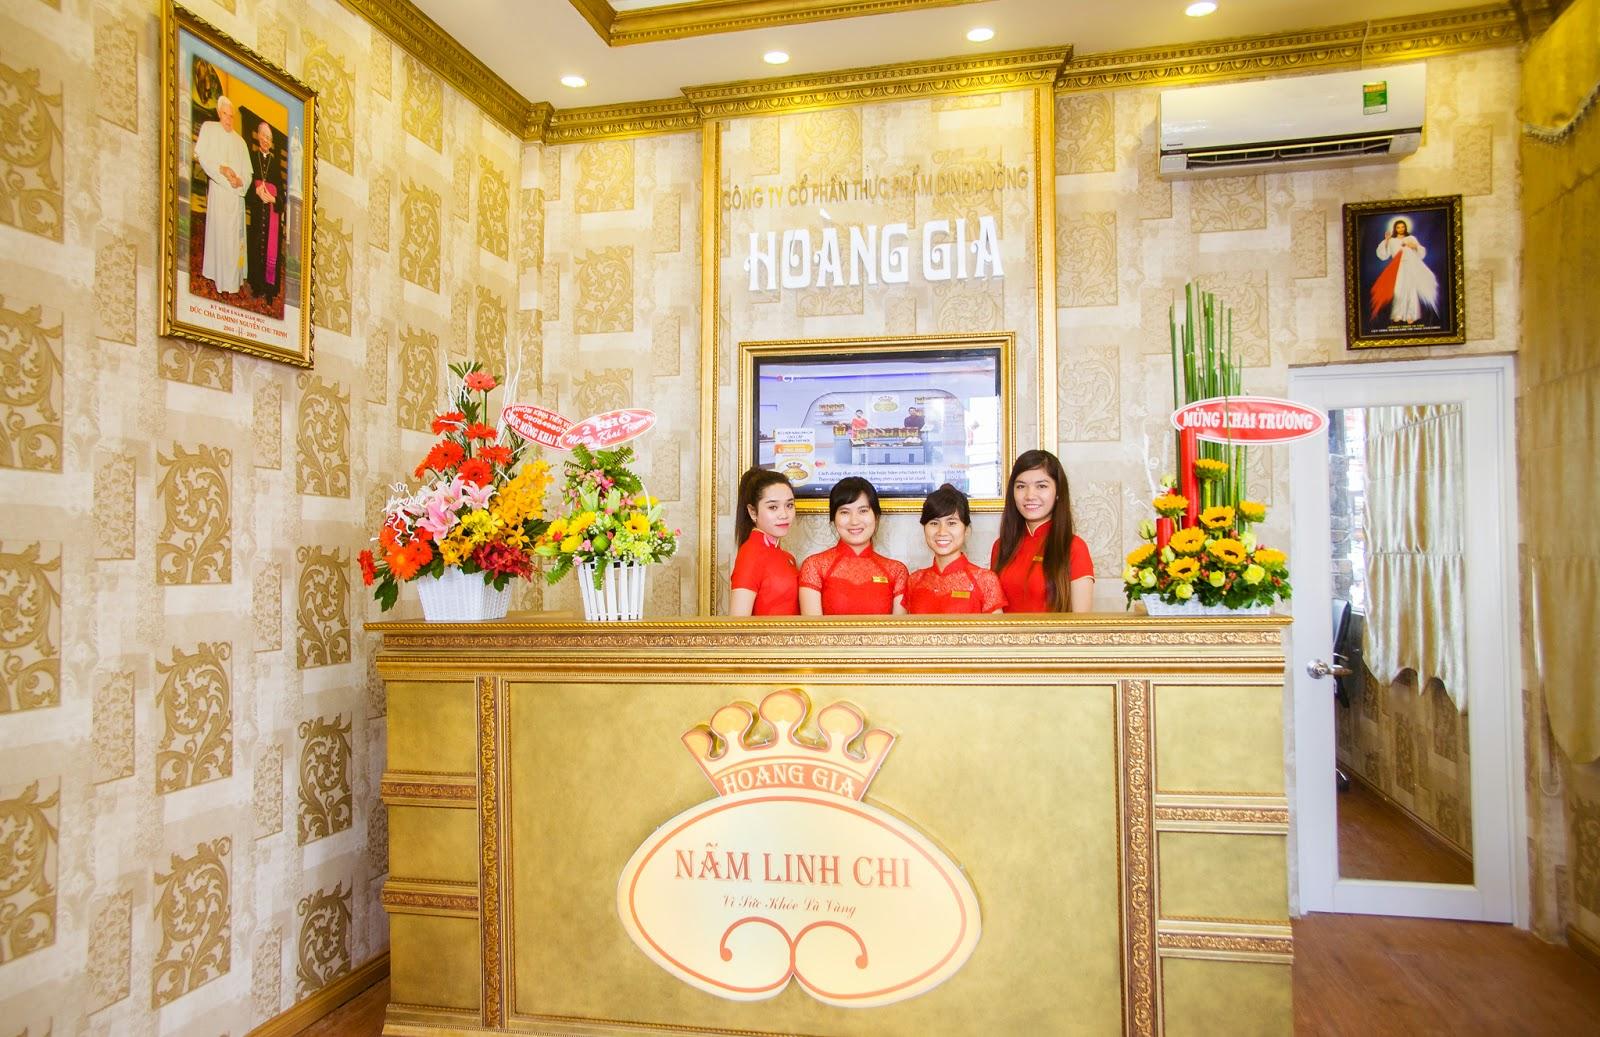 Đội ngũ nhân viên bán hàng trẻ trung, năng động tại showroom của Nấm Linh Chi Hoàng Gia